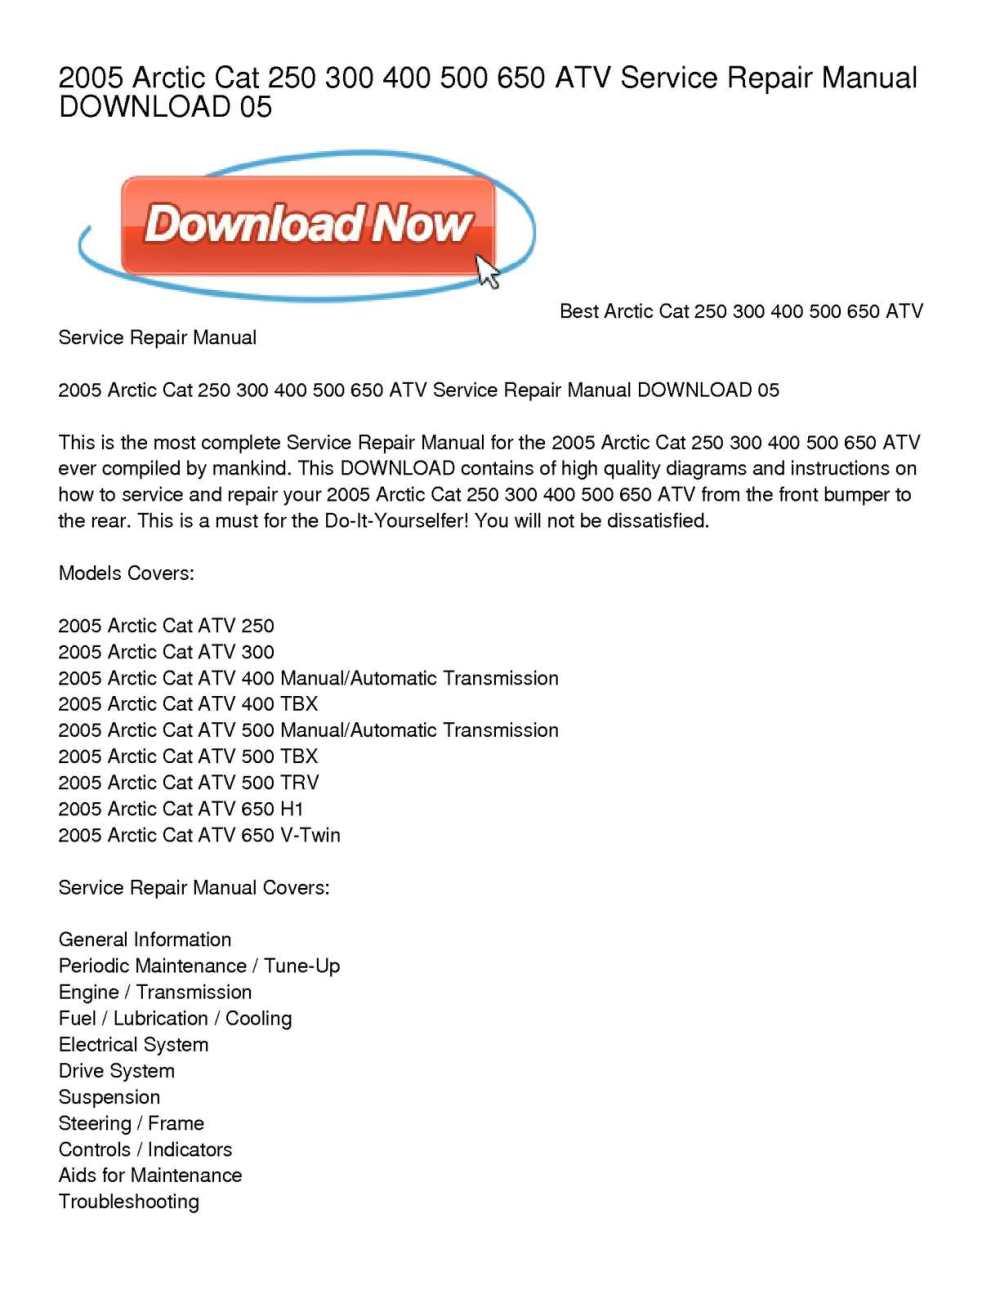 medium resolution of calam o 2005 arctic cat 250 300 400 500 650 atv service repair manual download 05